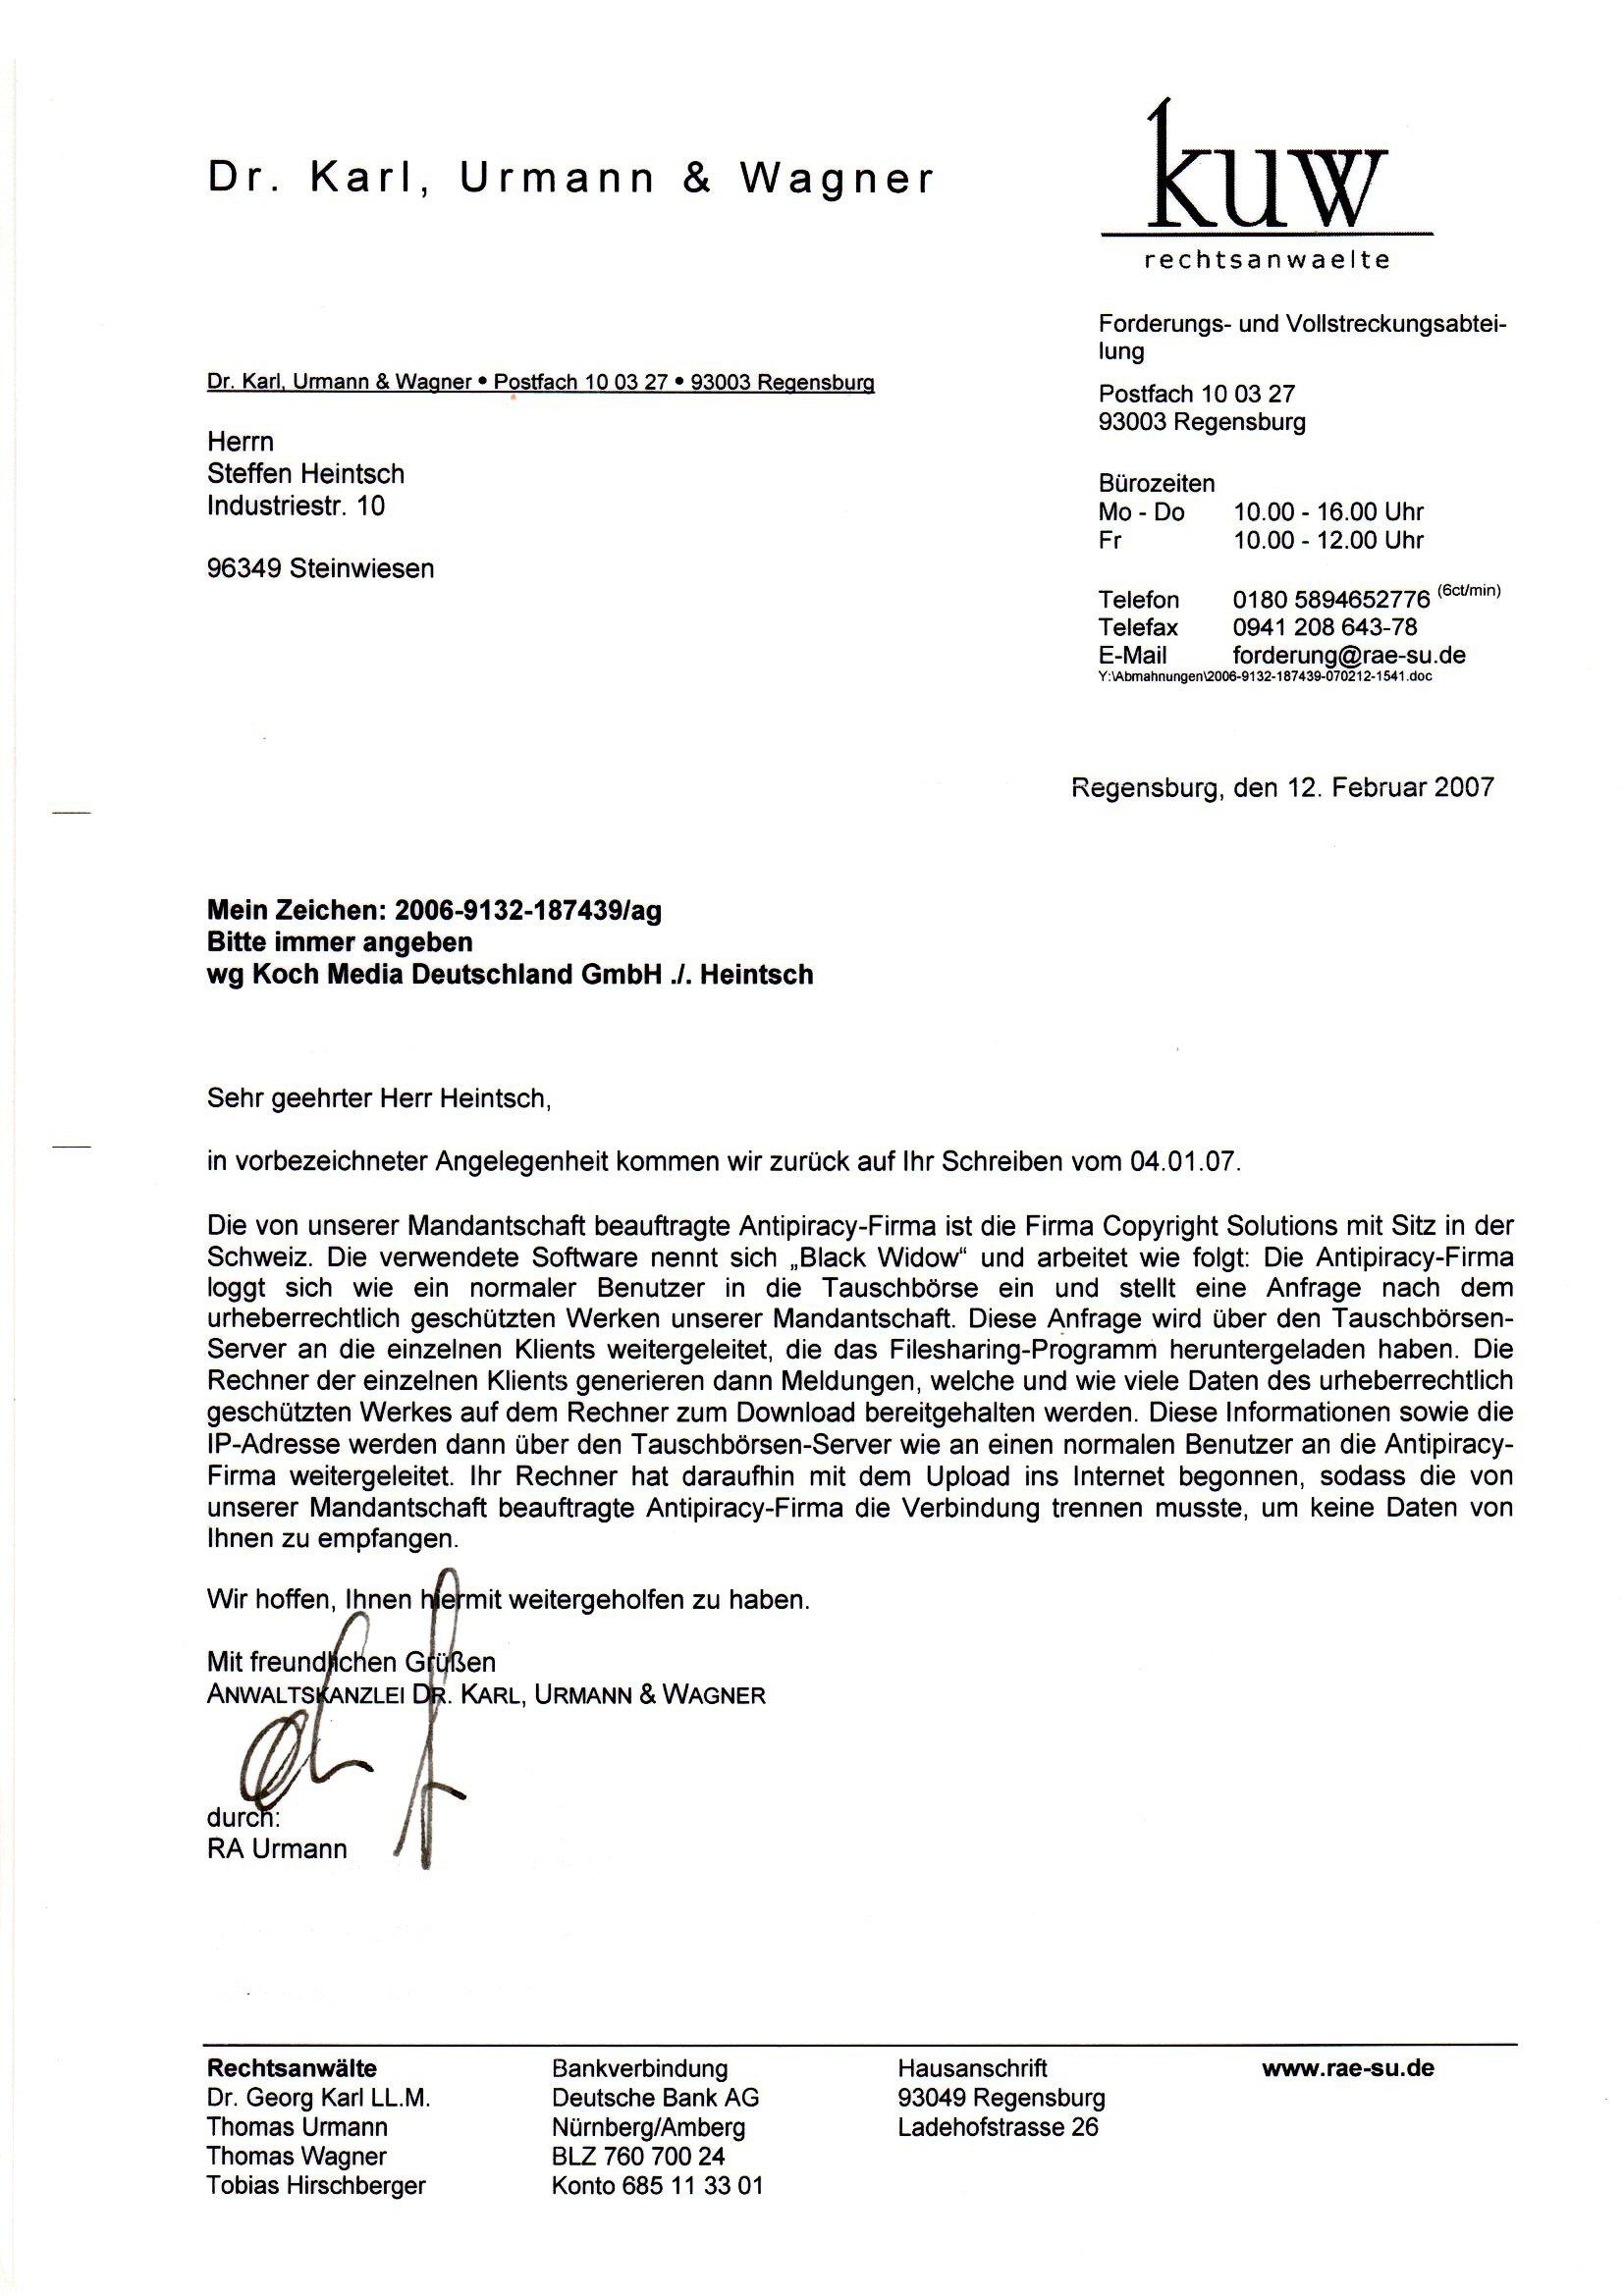 Schön Ausschreibung Antwortvorlage Zeitgenössisch - Entry Level ...